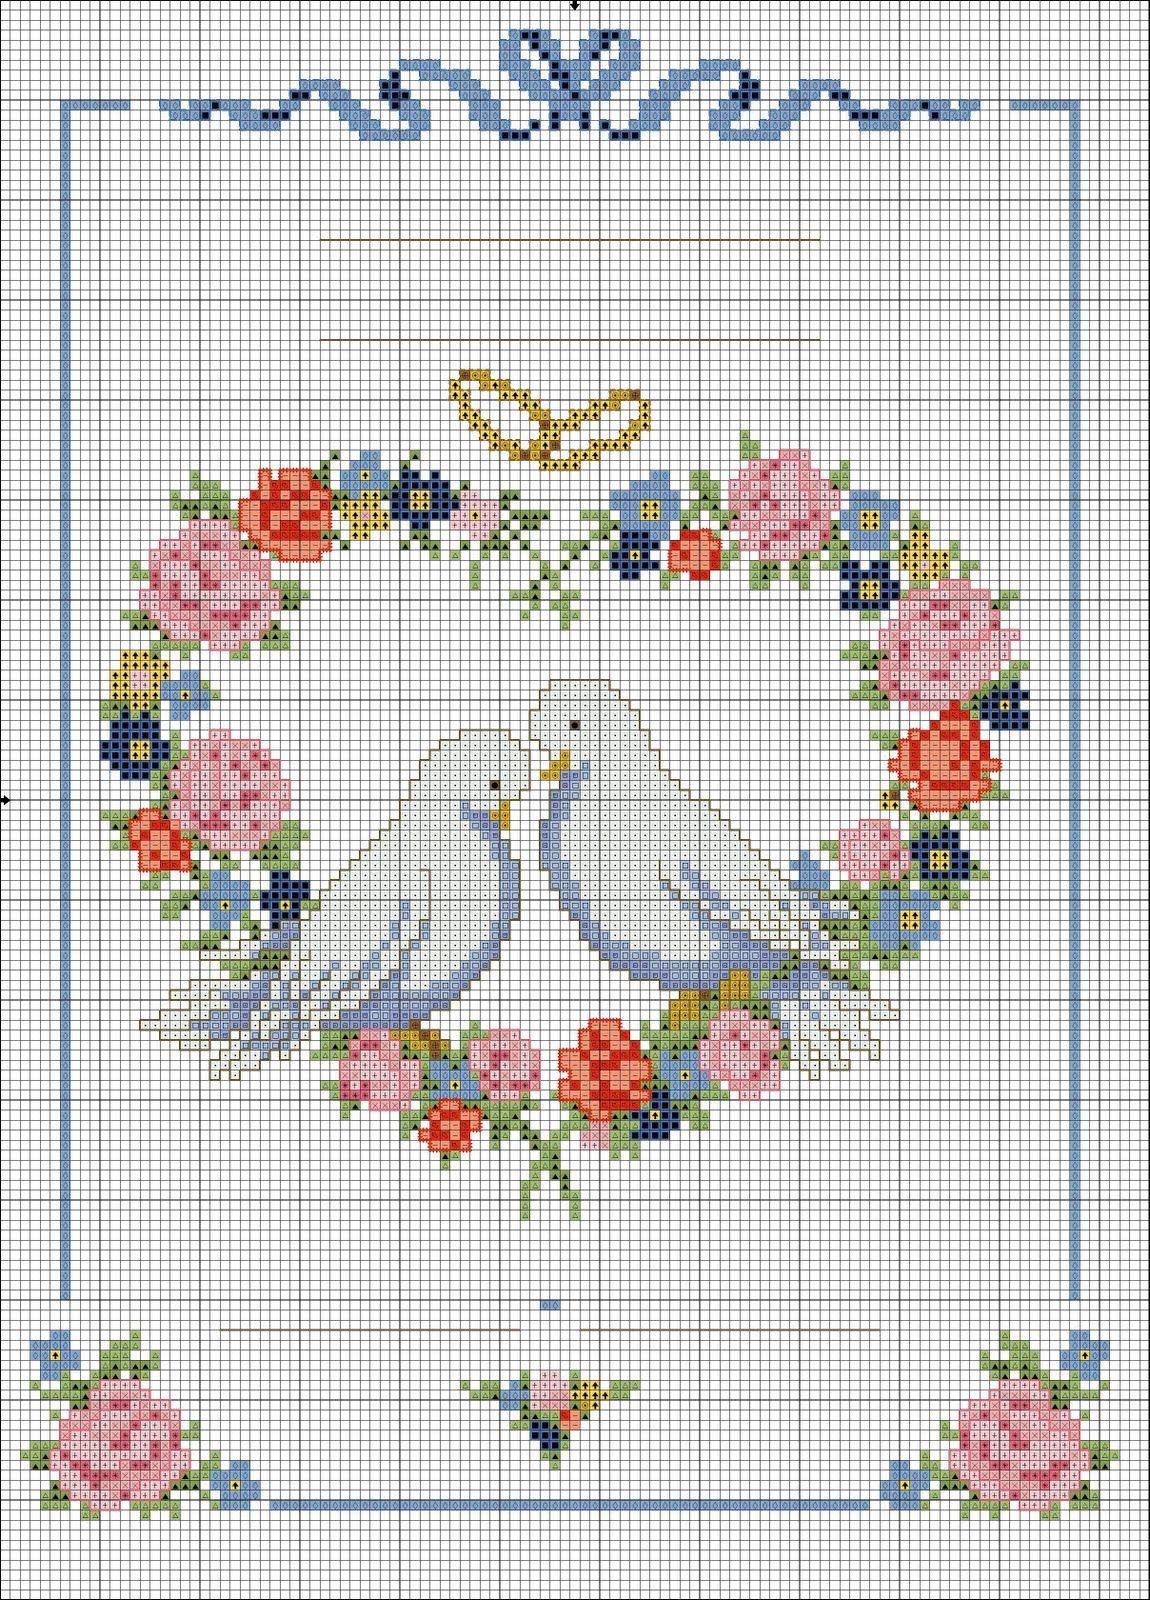 Mariage Au Point De Croix : mariage, point, croix, свадебные+голубки+(12).JPG, (1150×1600), Point, Croix, Mariage,, Points, Broderie,, Broderie